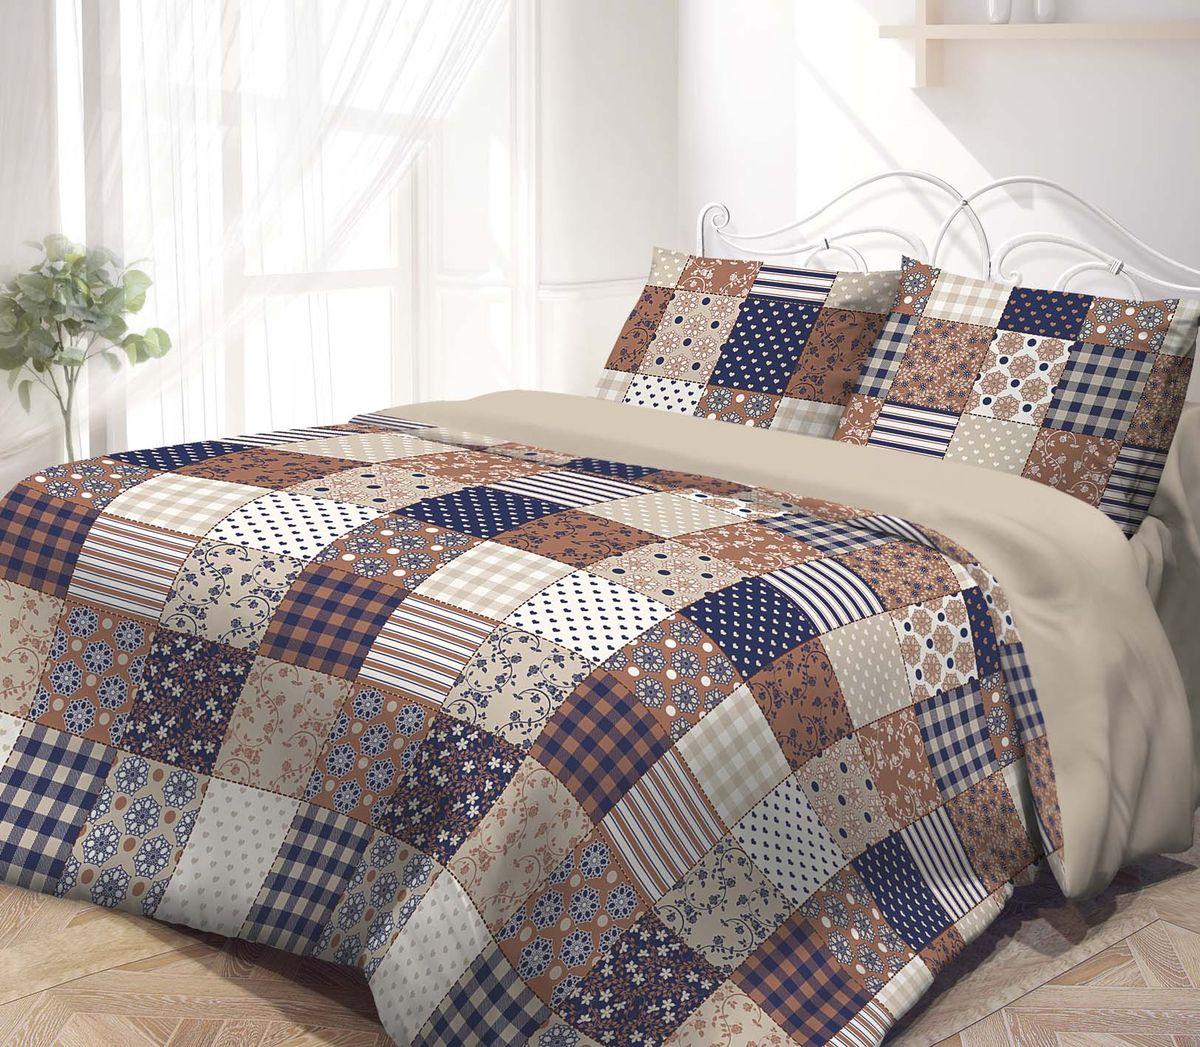 Комплект белья Гармония, 2-спальный, наволочки 50х70, цвет: синий, коричневый10503Комплект постельного белья Гармония является экологически безопасным, так как выполнен из поплина (100% хлопка). Комплект состоит из пододеяльника, простыни и двух наволочек. Постельное белье оформлено орнаментом в клеткуи имеет изысканный внешний вид. Постельное белье Гармония - лучший выбор для современной хозяйки! Его отличают демократичная цена и отличное качество. Поплин мягкий и приятный на ощупь. Кроме того, эта ткань не требует особого ухода, легко стирается и прекрасно держит форму. Высококачественные красители, которые используются при производстве постельного белья, сохраняют свой цвет даже после многочисленных стирок.